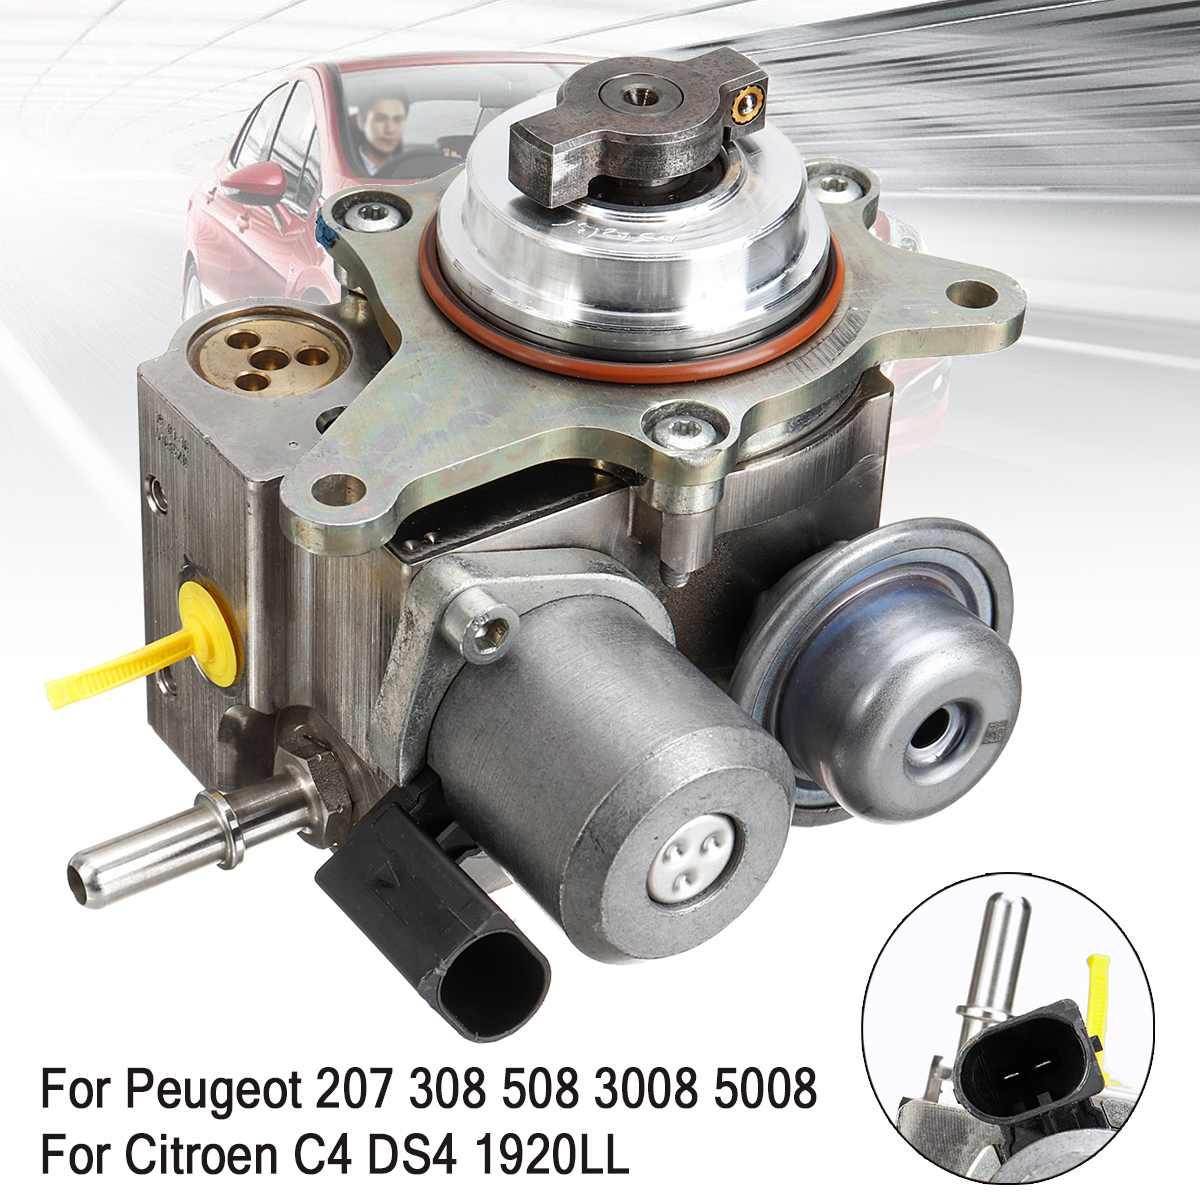 가솔린 연료 펌프 9819938480 13537528345 207 308 3008 5008 508 1.6T 미니 R55 R56 R57 R58 쿠퍼 시트로엥 C4